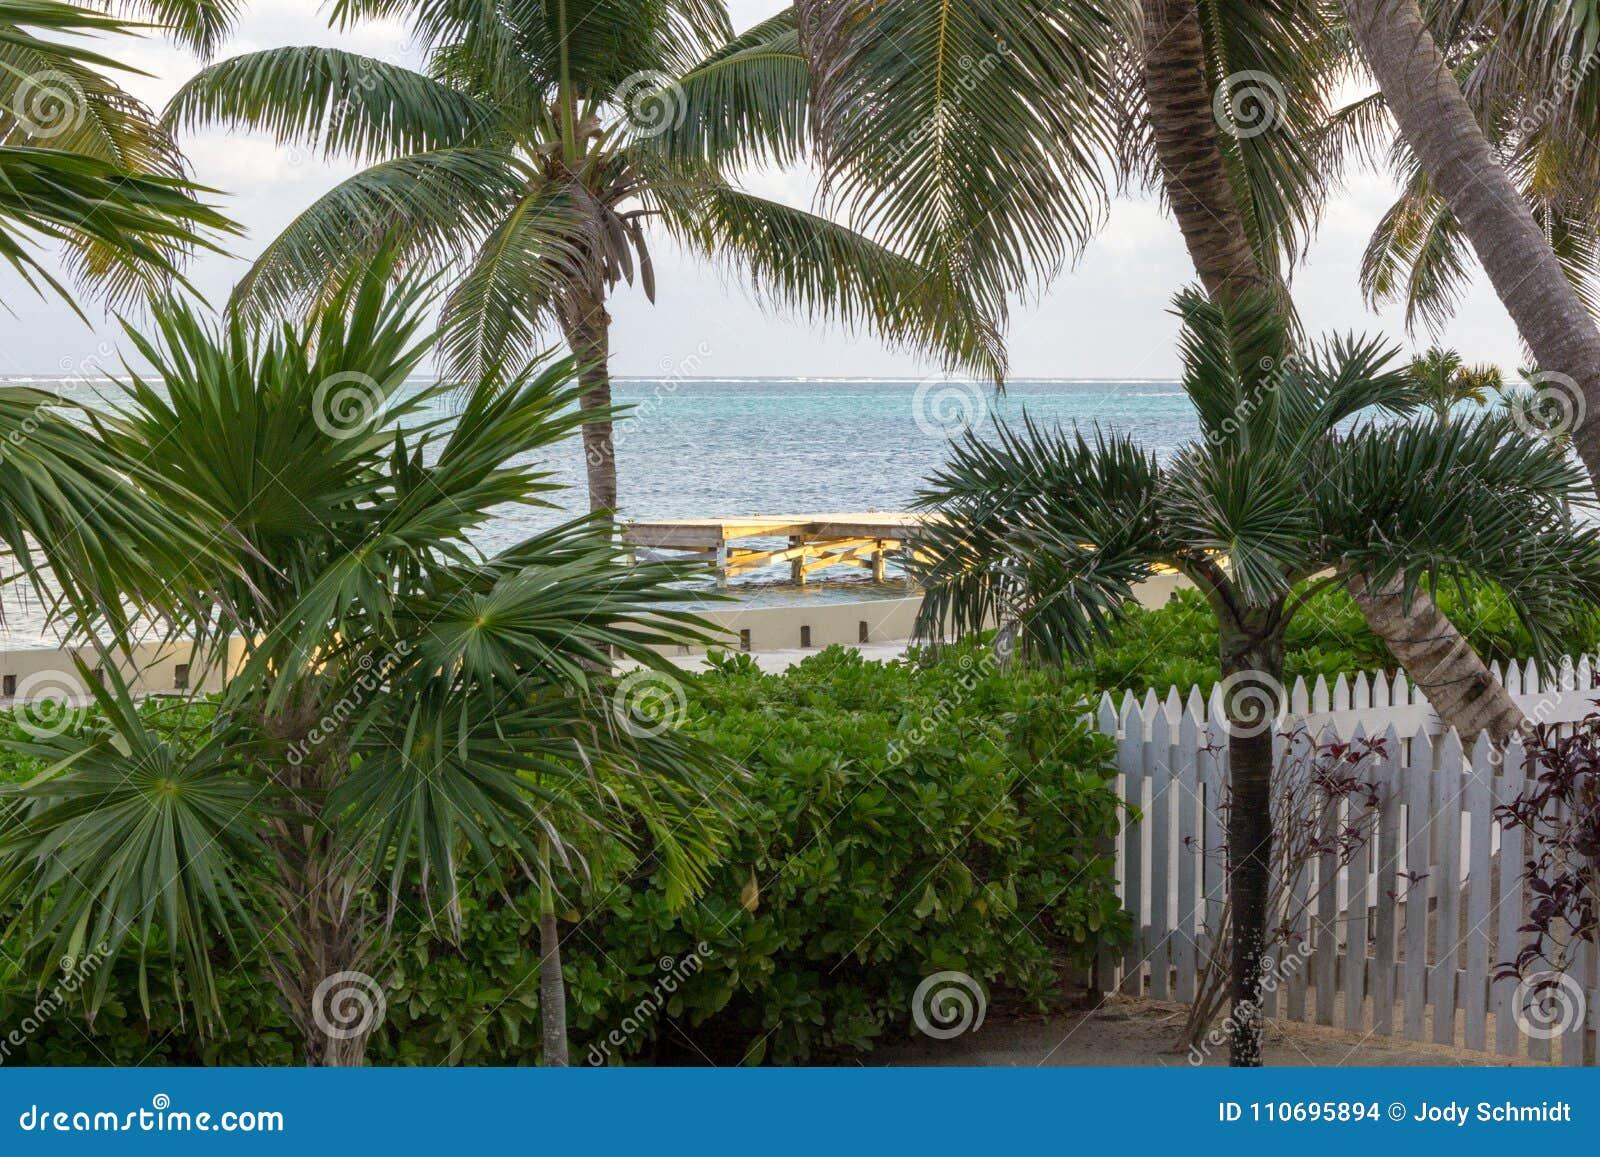 El último sol del día echa un resplandor caliente sobre un muelle en la distancia a través de las palmeras